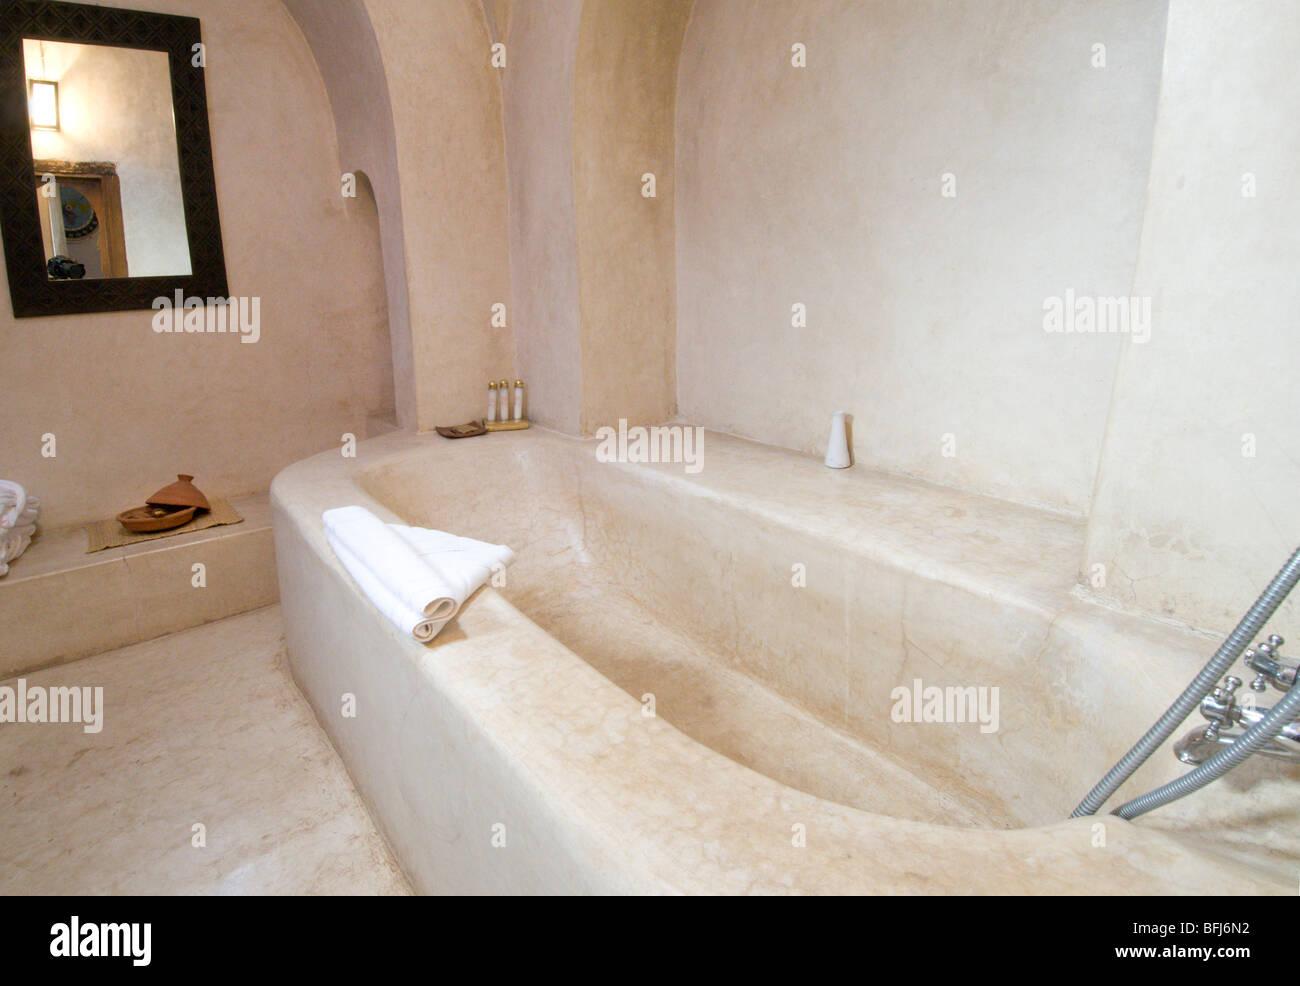 Le Maroc, Marrakech, Riad Caravanserai, salle de bains avec murs en ...